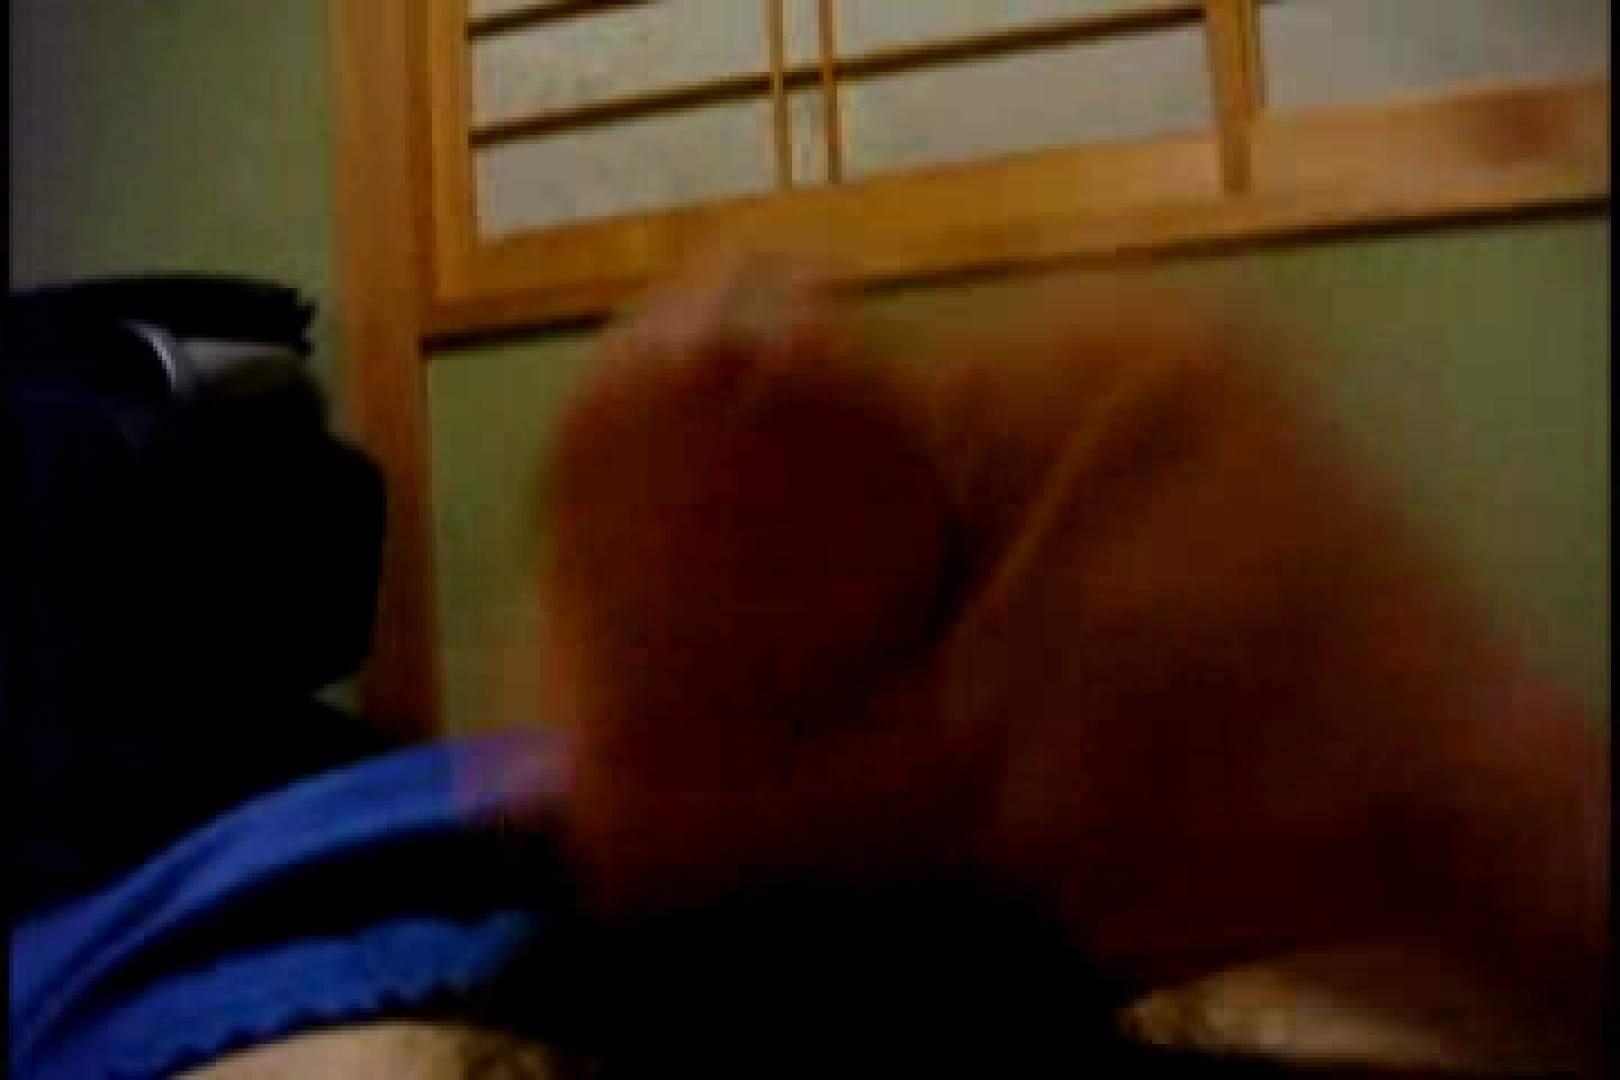 オナ好きノンケテニス部員の自画撮り投稿vol.02 射精 GAY無修正エロ動画 76枚 24